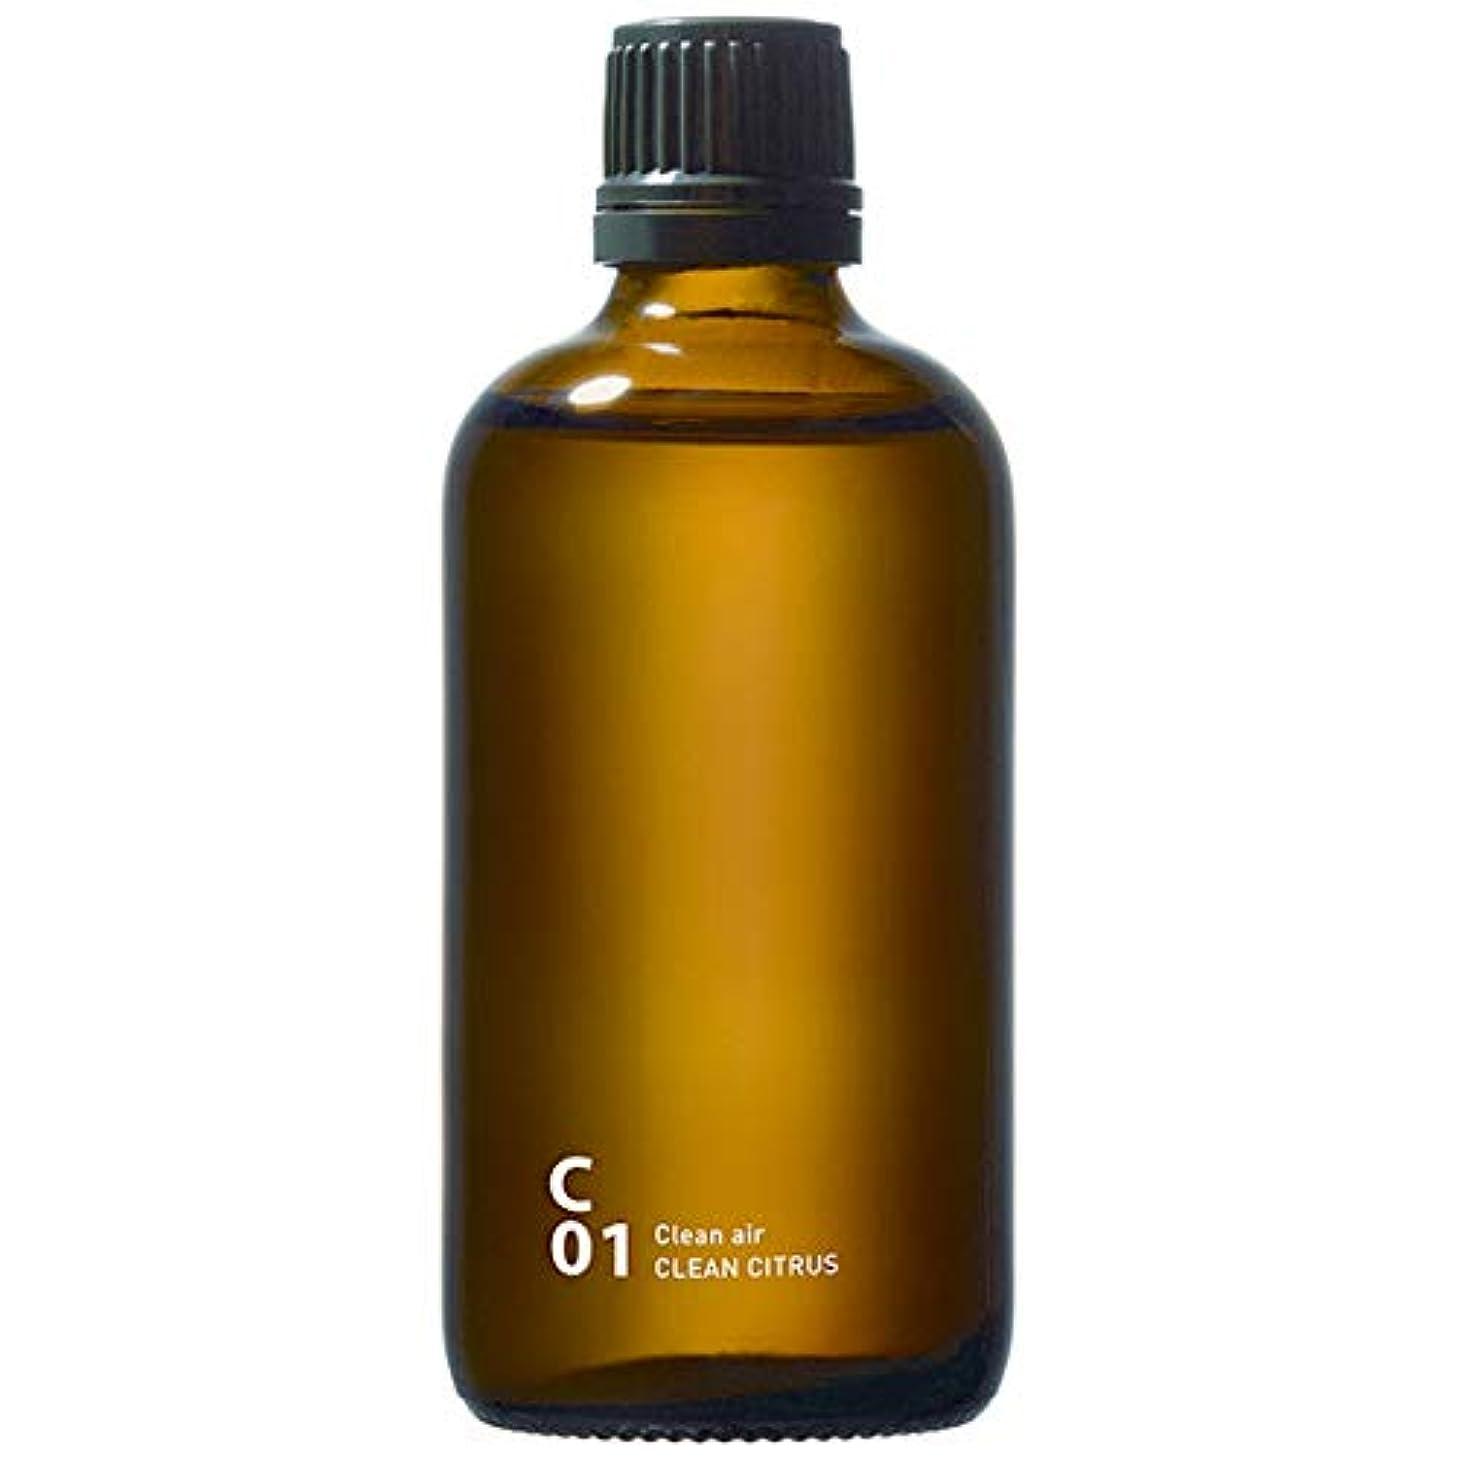 意気消沈したモスク海洋C01 CLEAN CITRUS piezo aroma oil 100ml